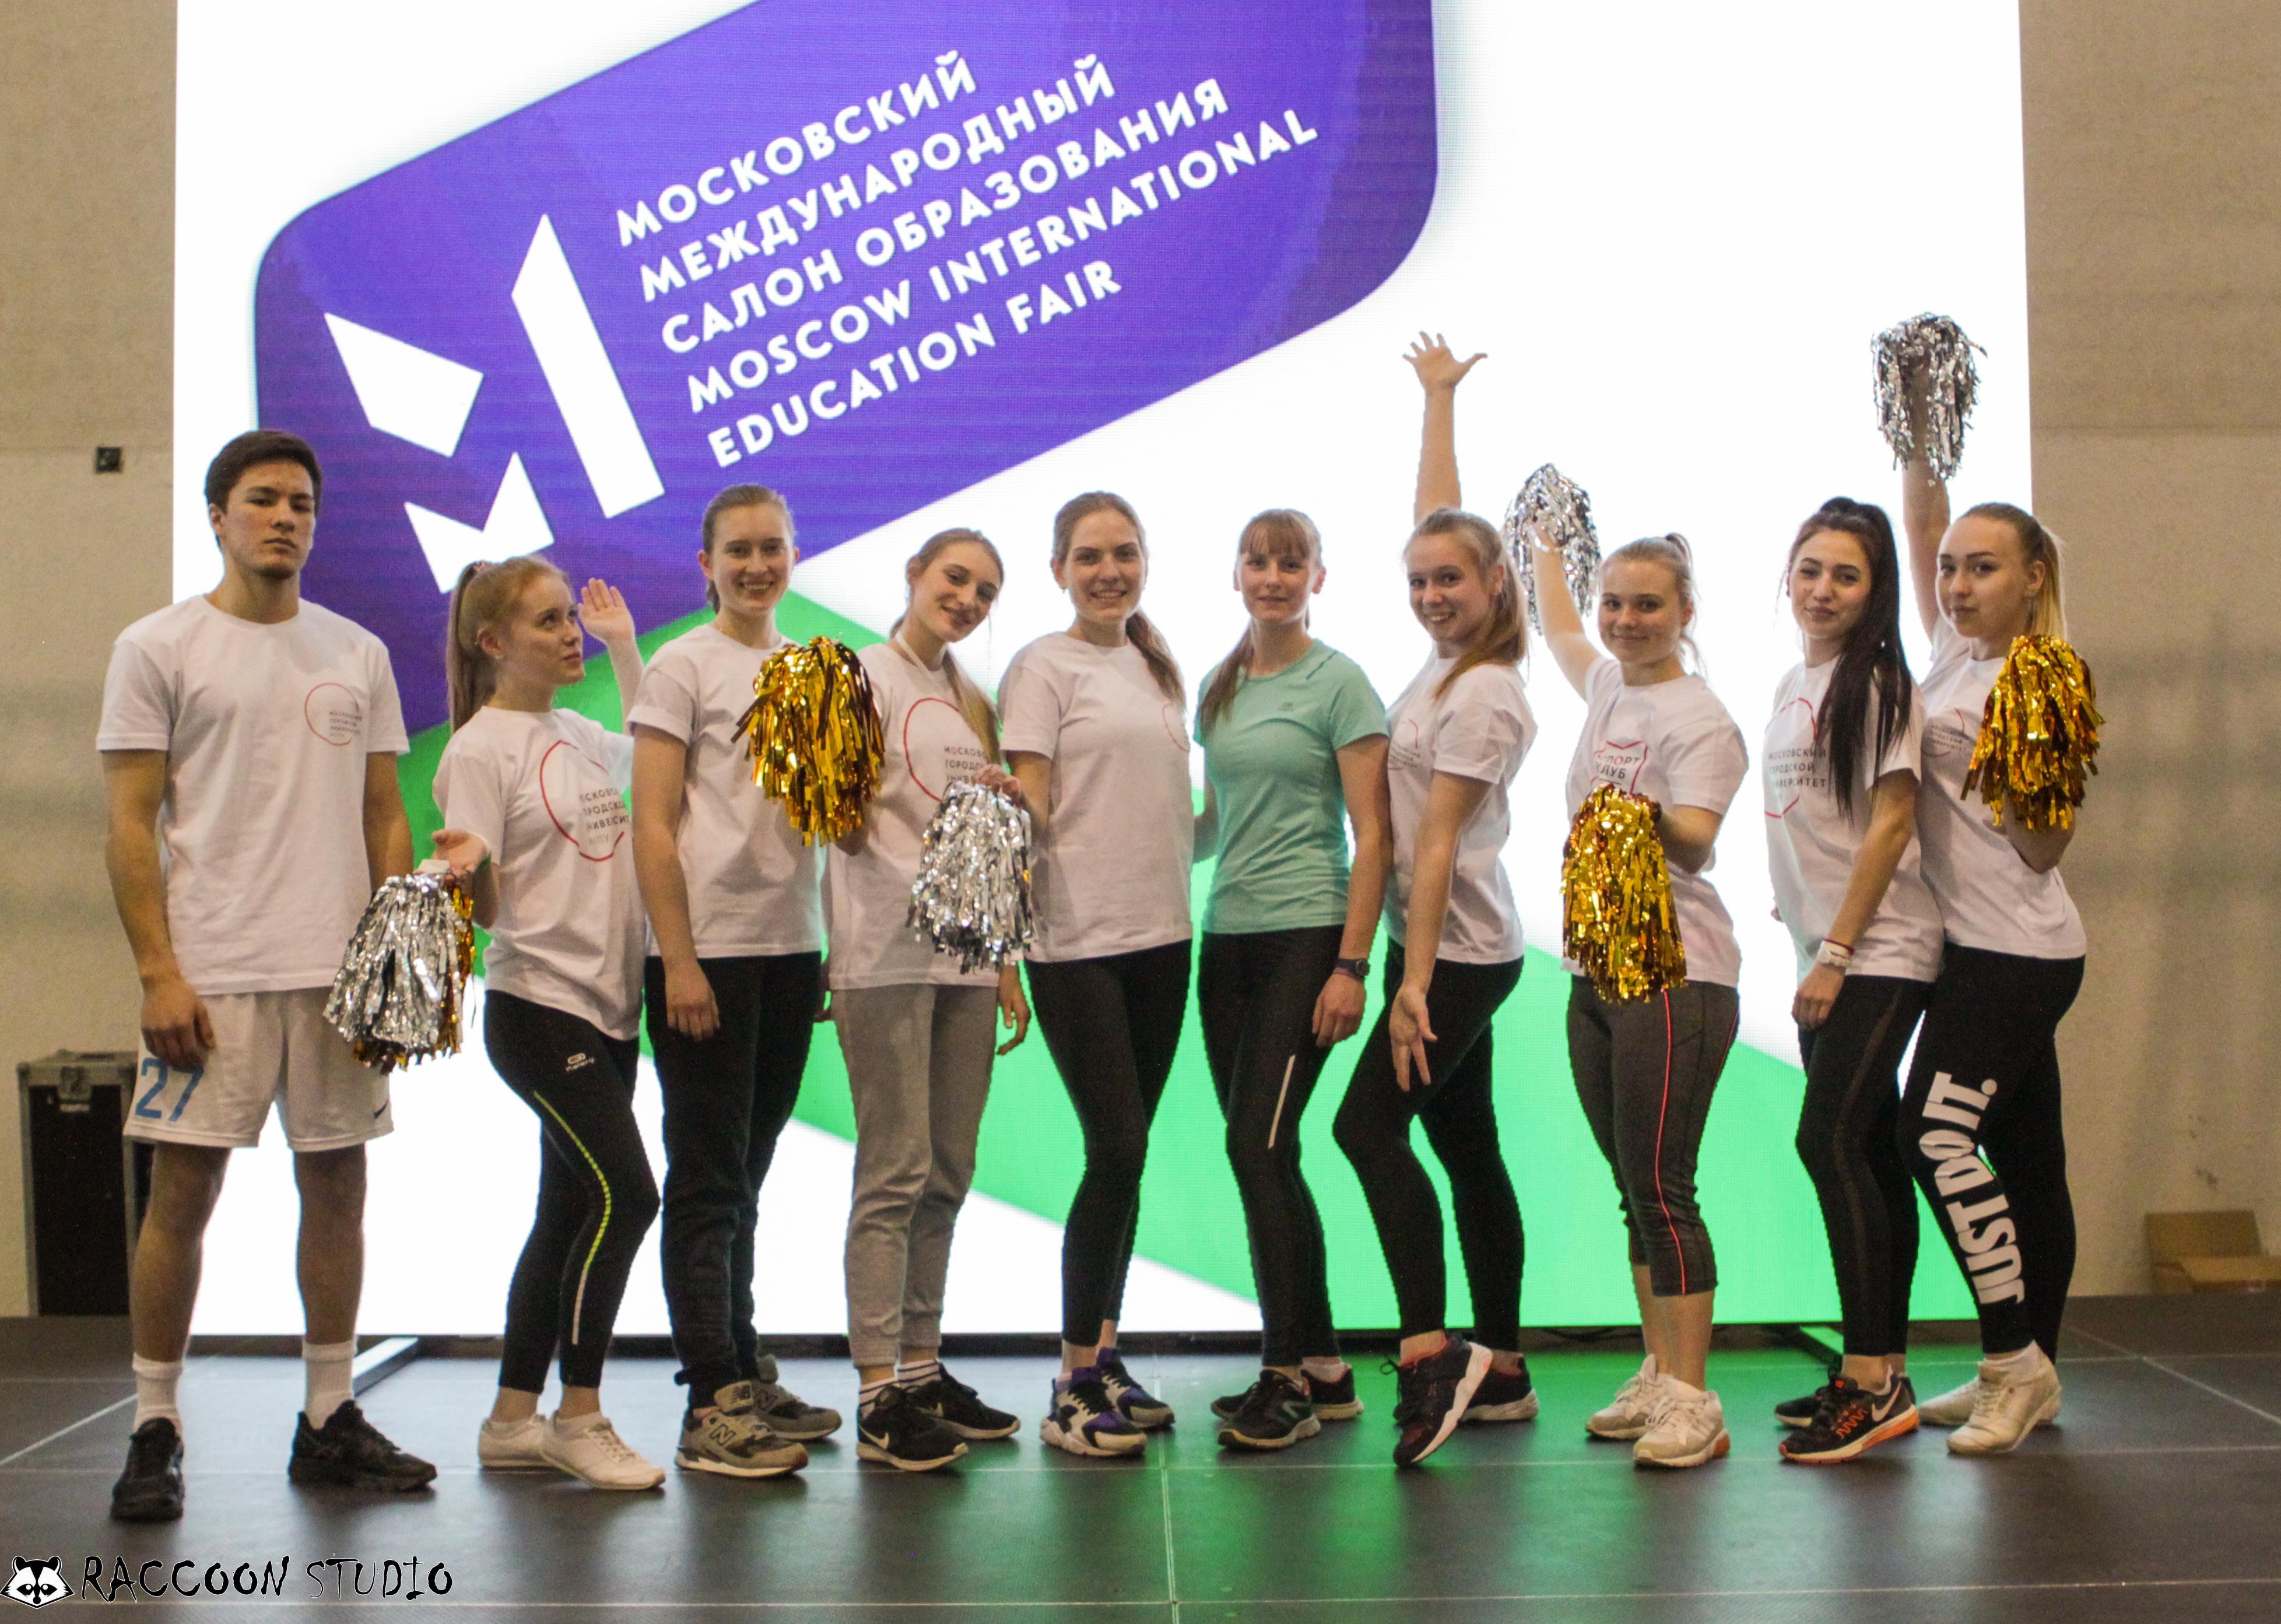 ПИФКиС наМосковском международном салоне образования